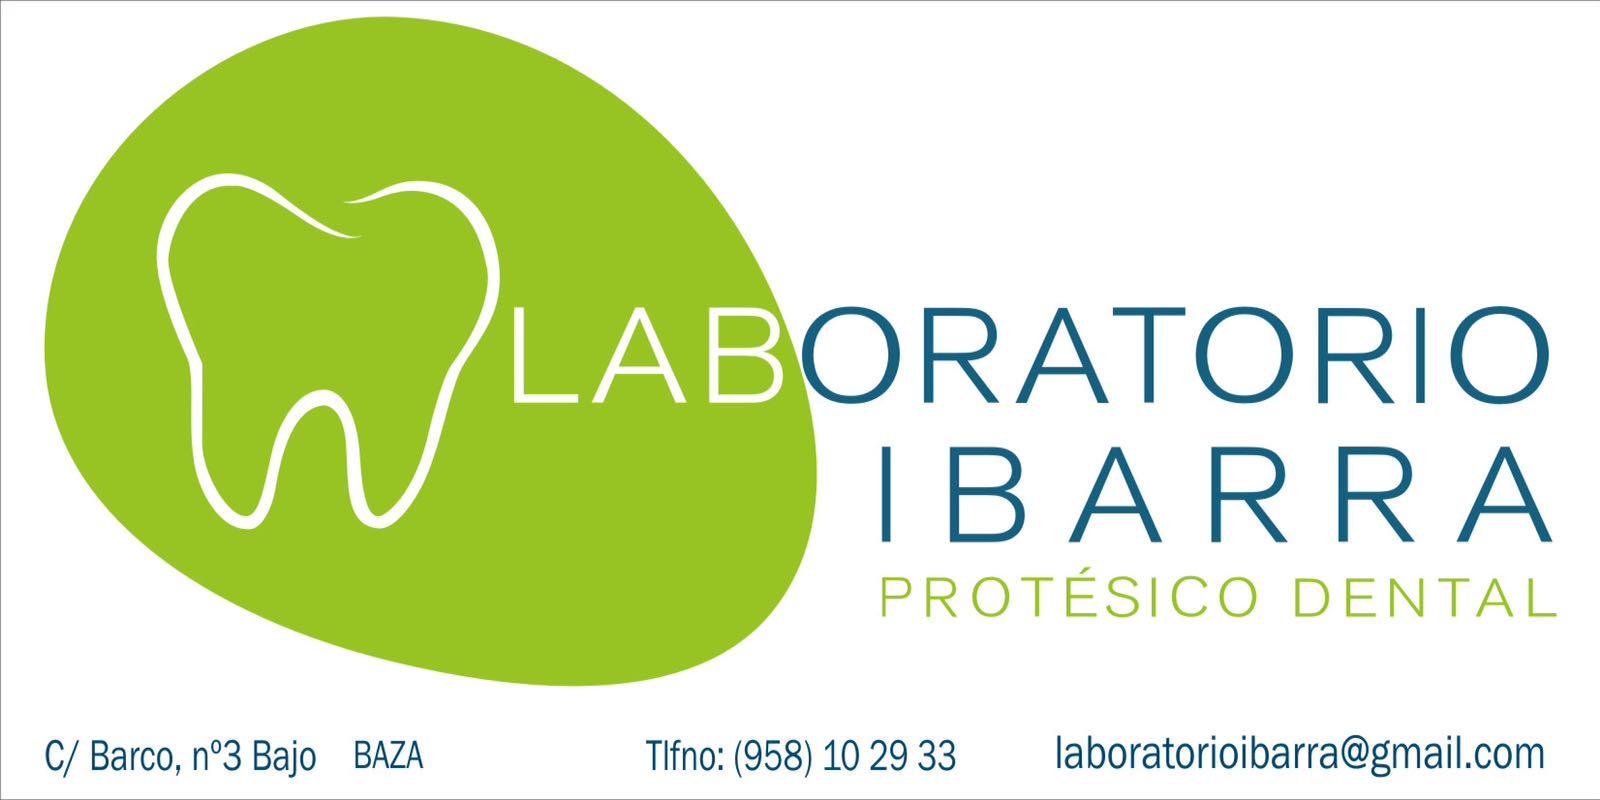 Laboratorio IBARRA